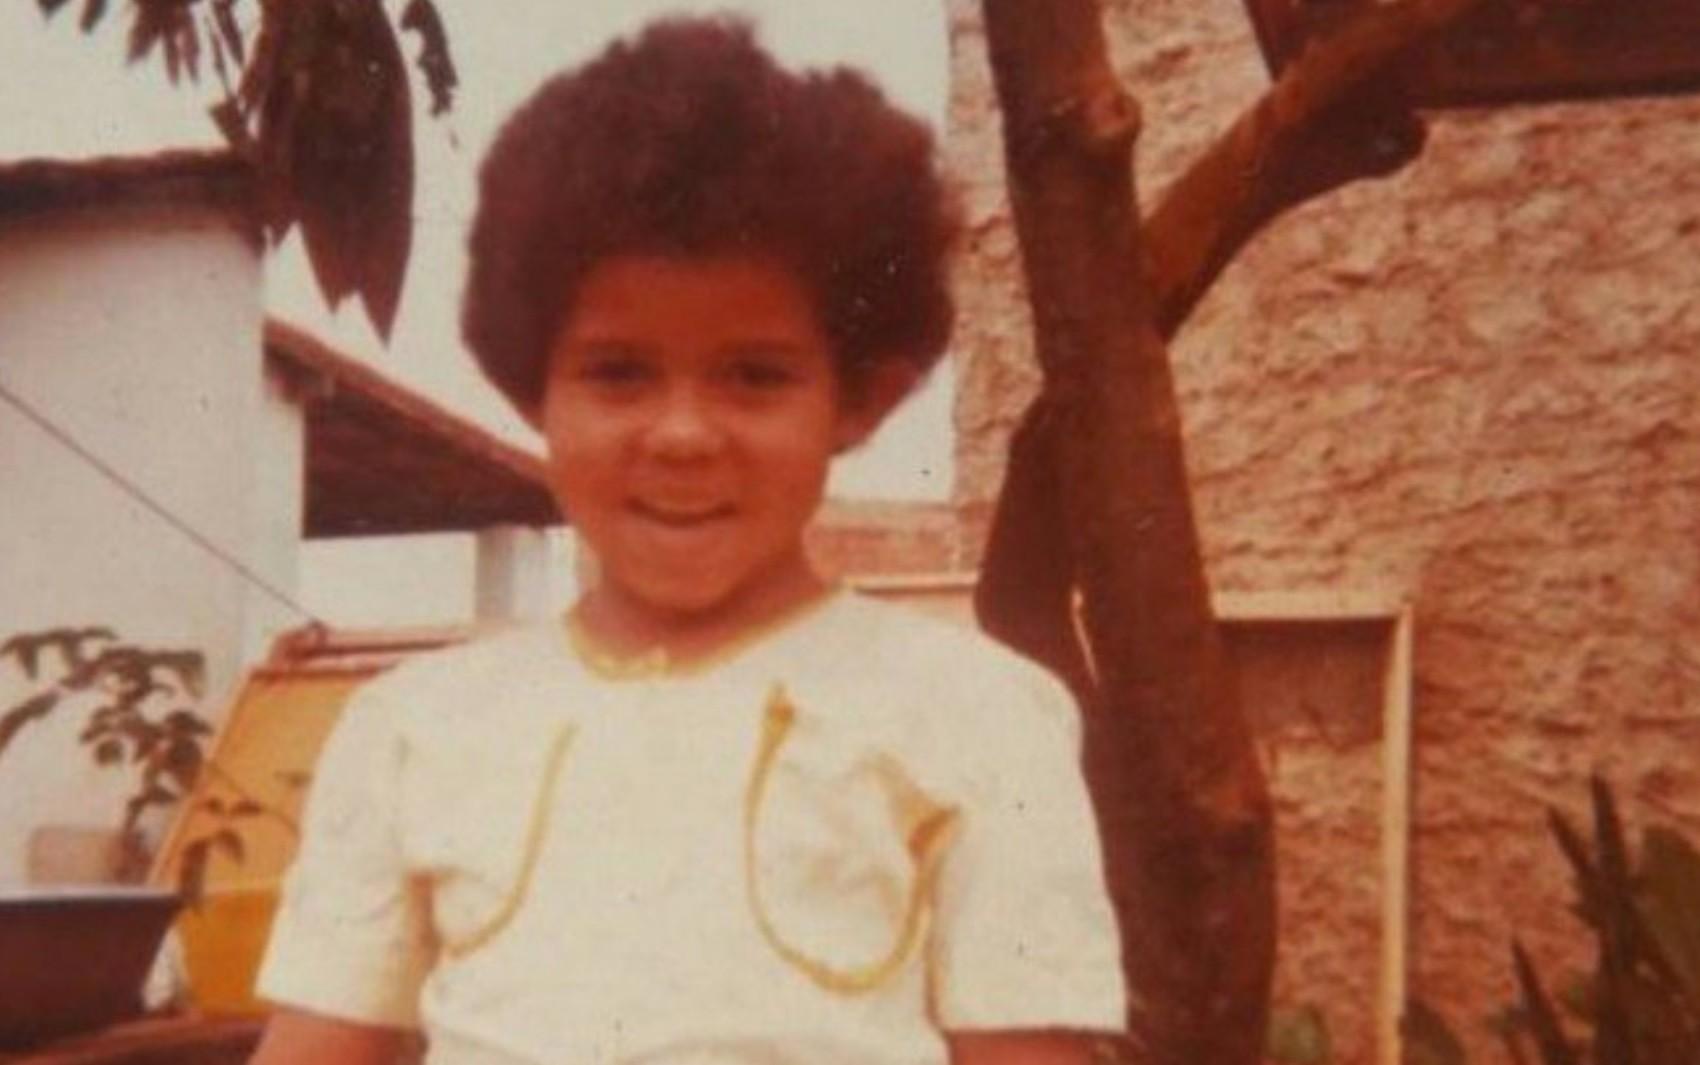 Irmão de moradora de rua morta no RJ lembra infância pobre em Goiás e diz que ela sonhava 'vencer na vida'